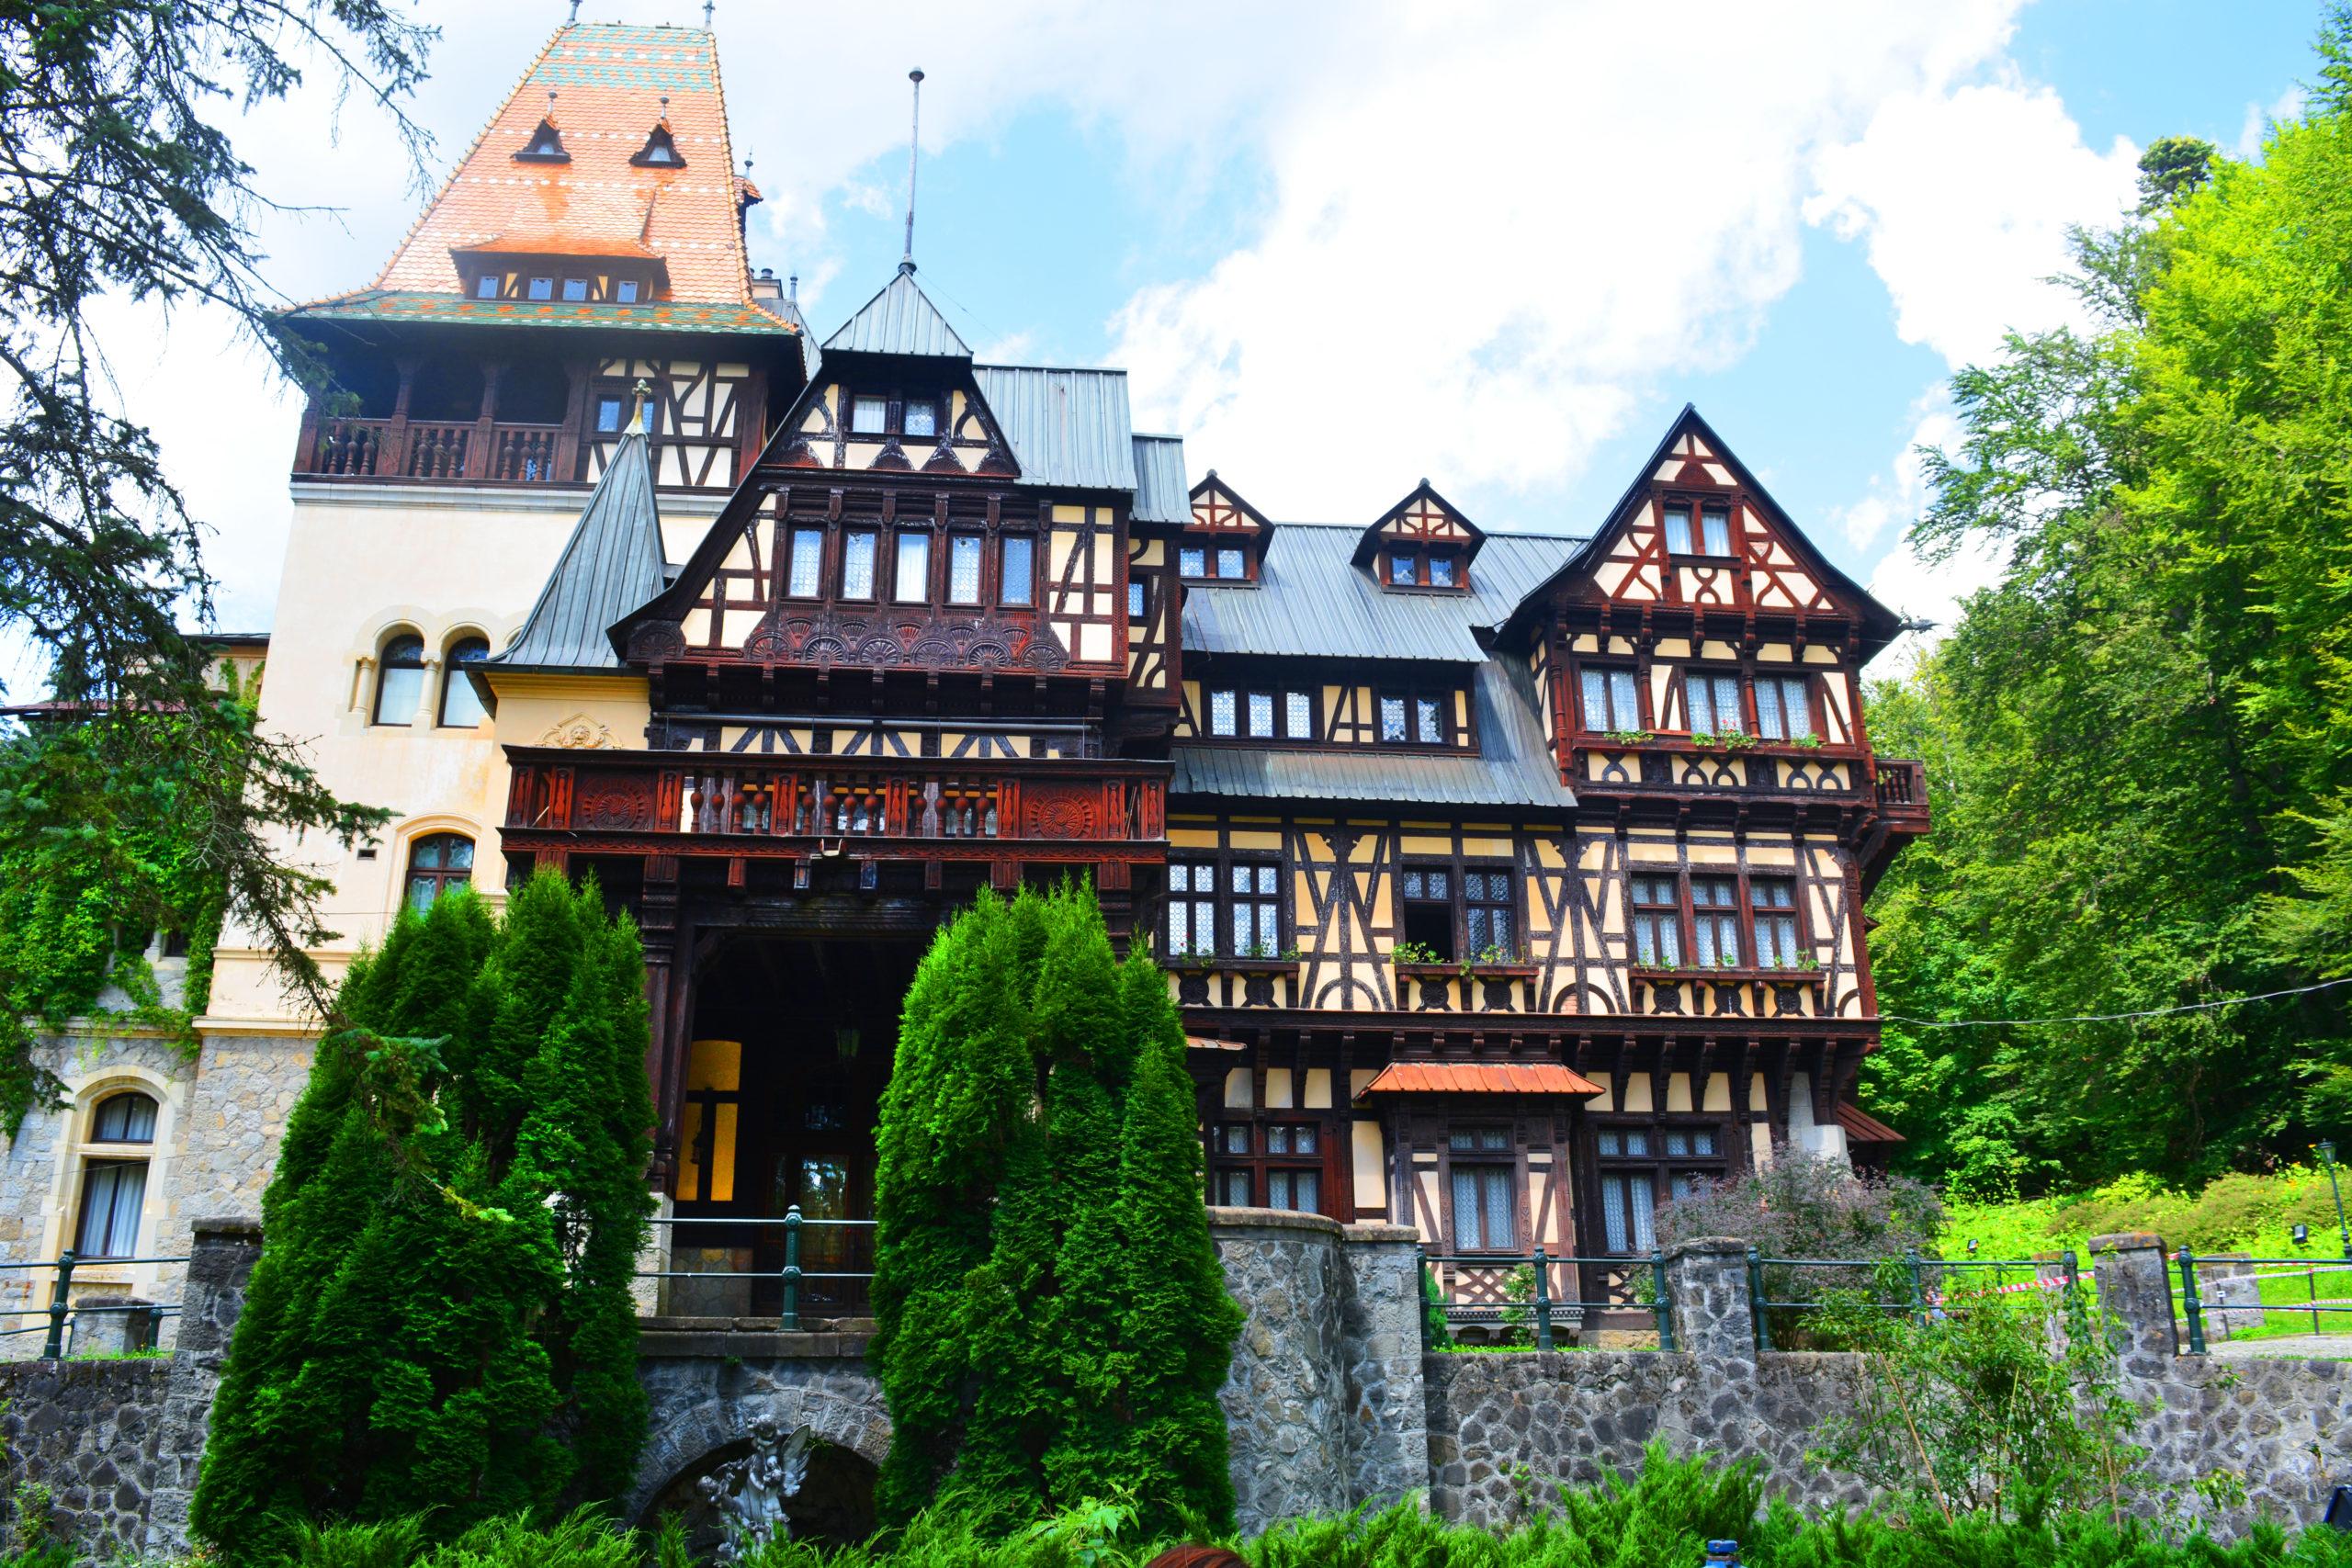 Pelisor – Castelul care gazduieste inima Reginei Maria